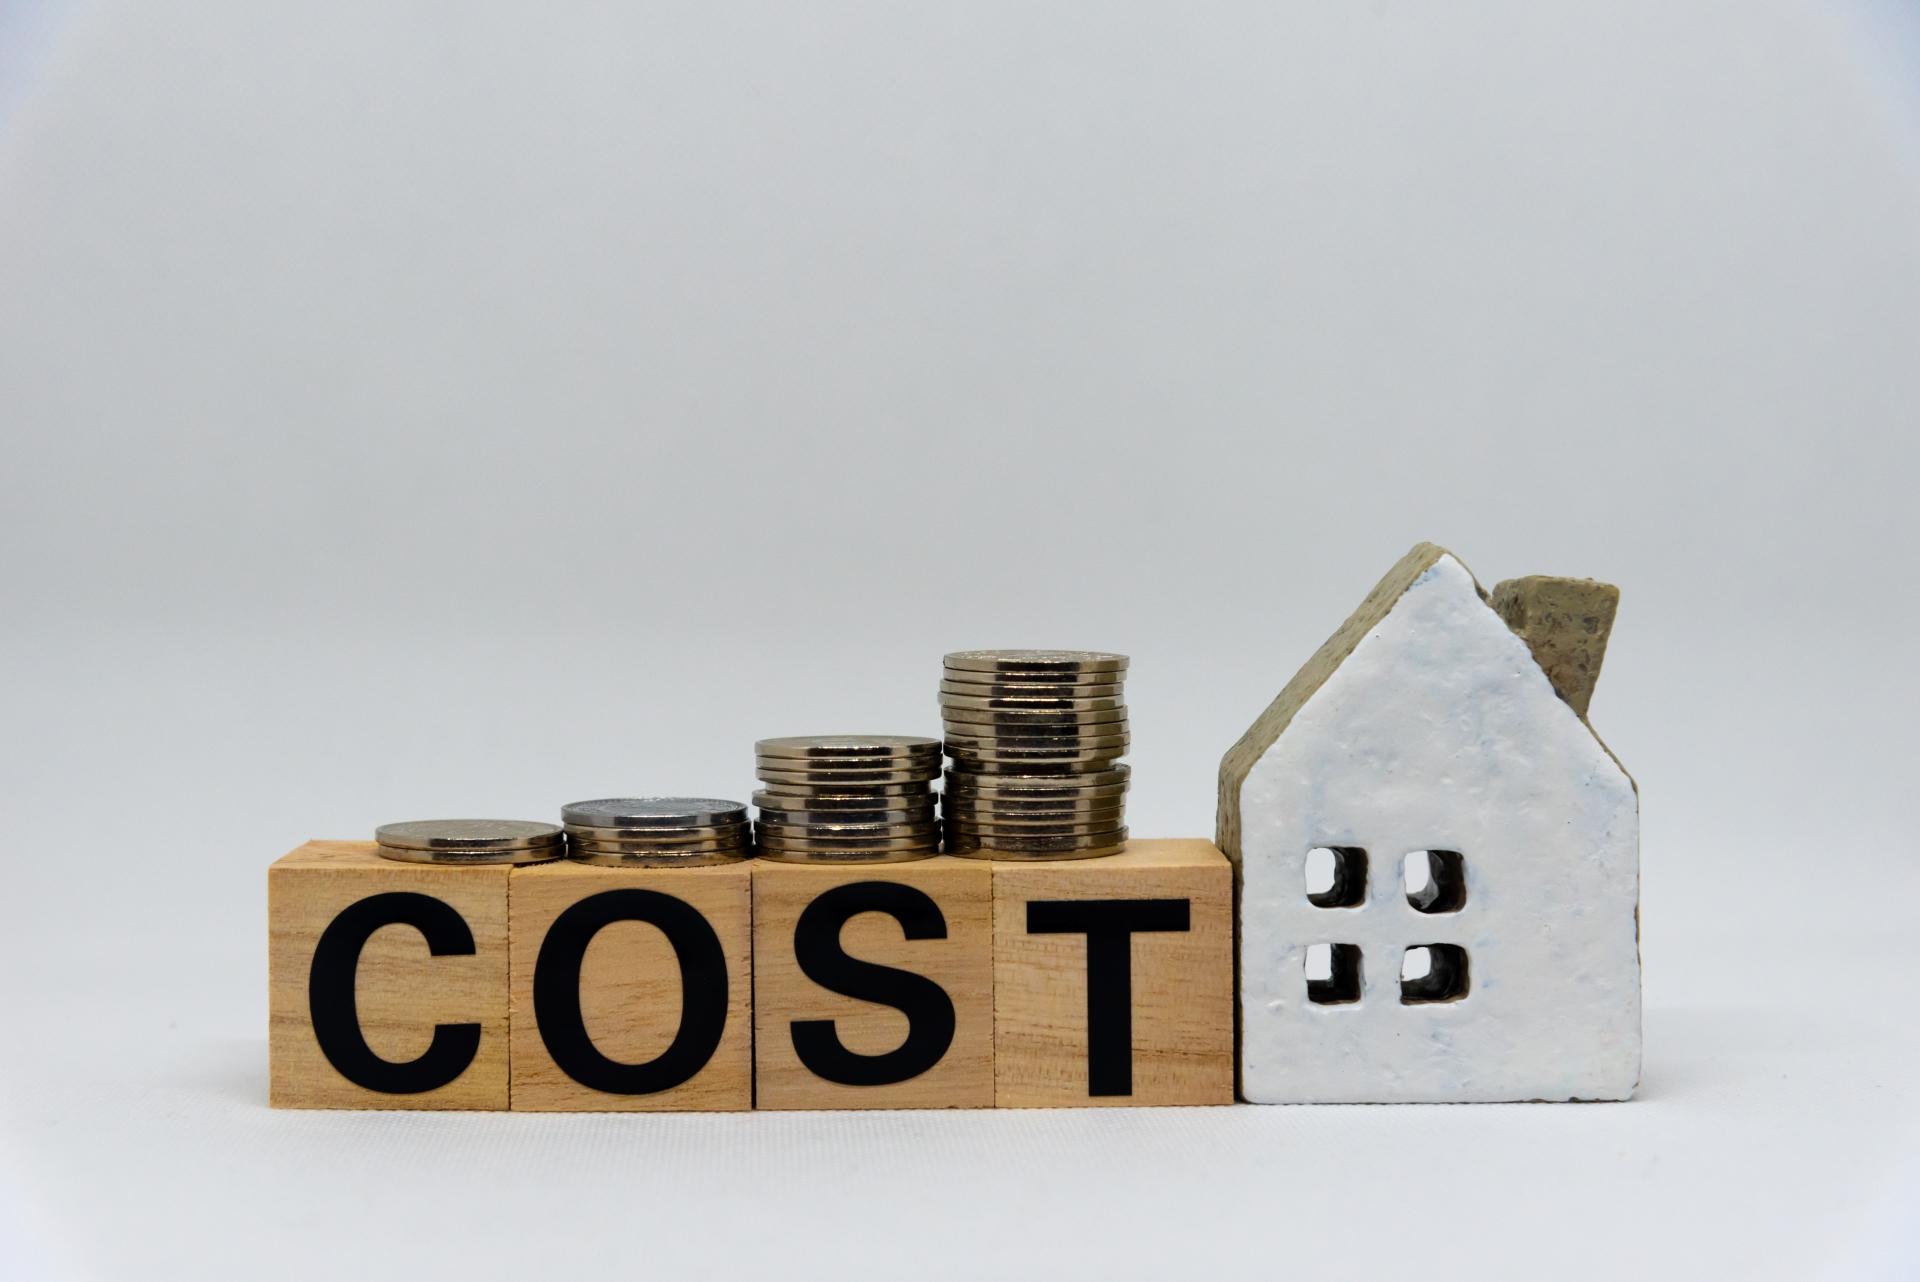 屋根の塗り替え費用はいくら?業者選びのポイントも解説